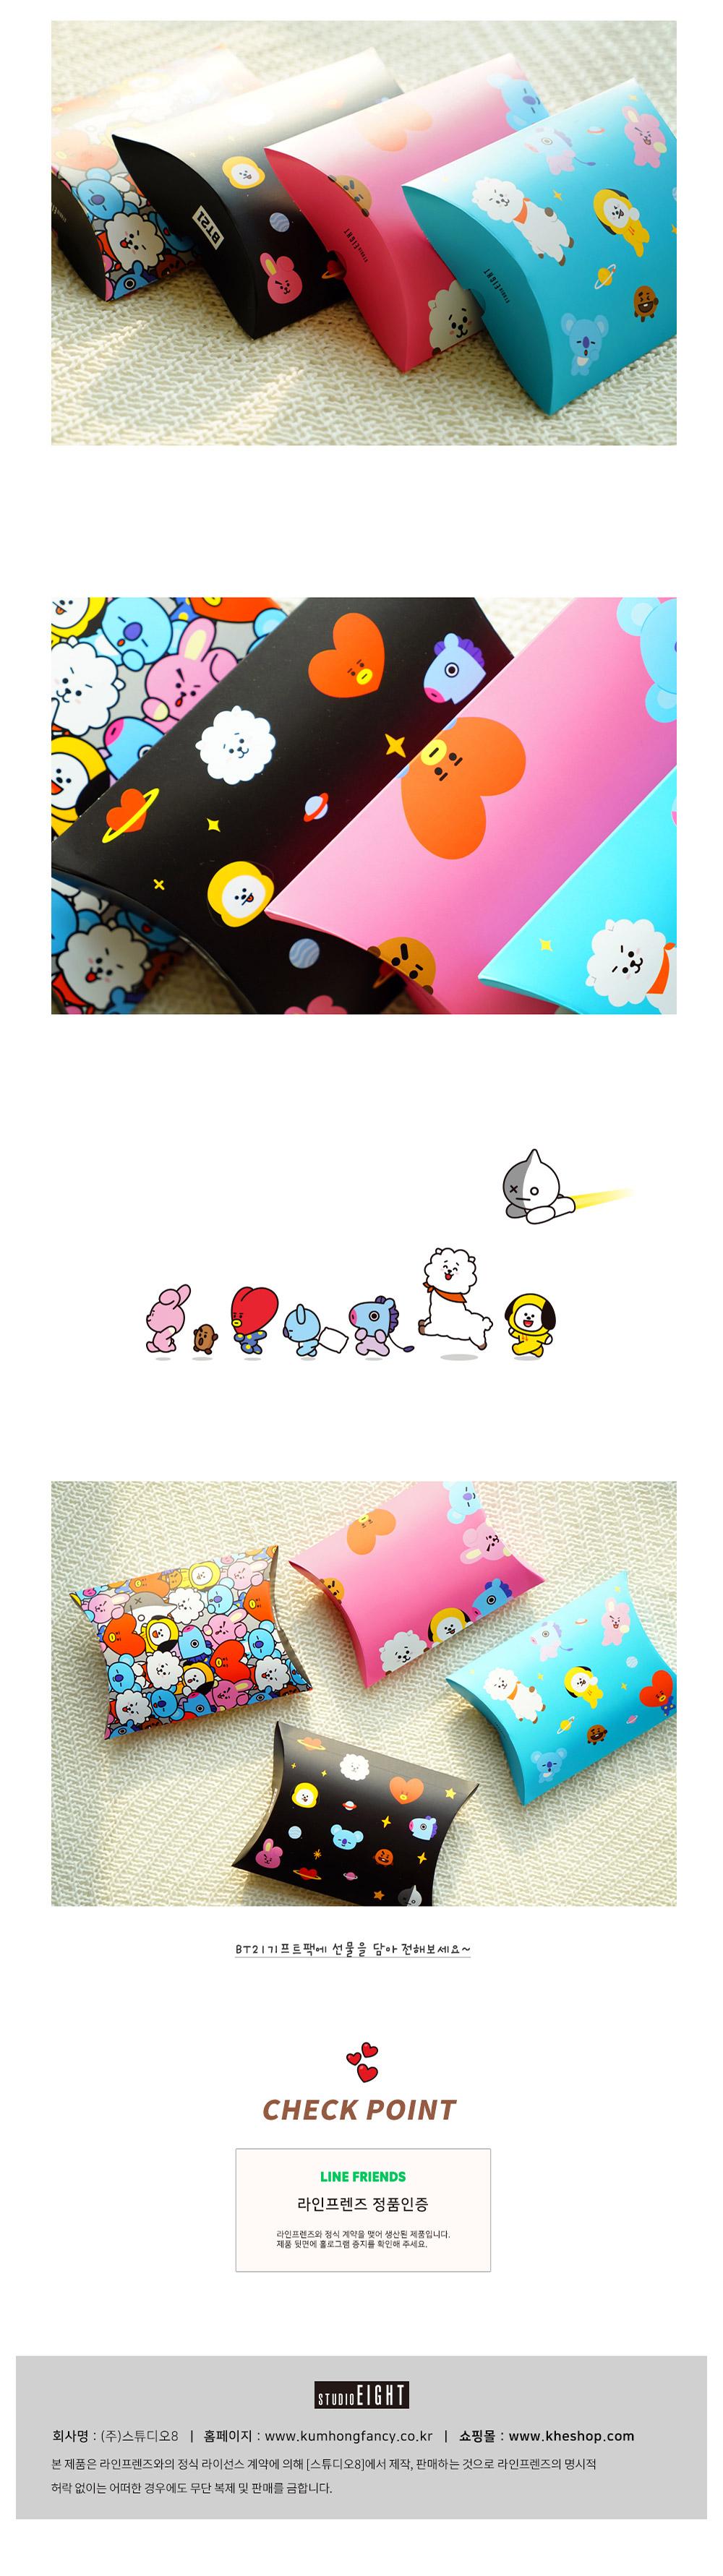 bt21_kf_giftpack_03.jpg